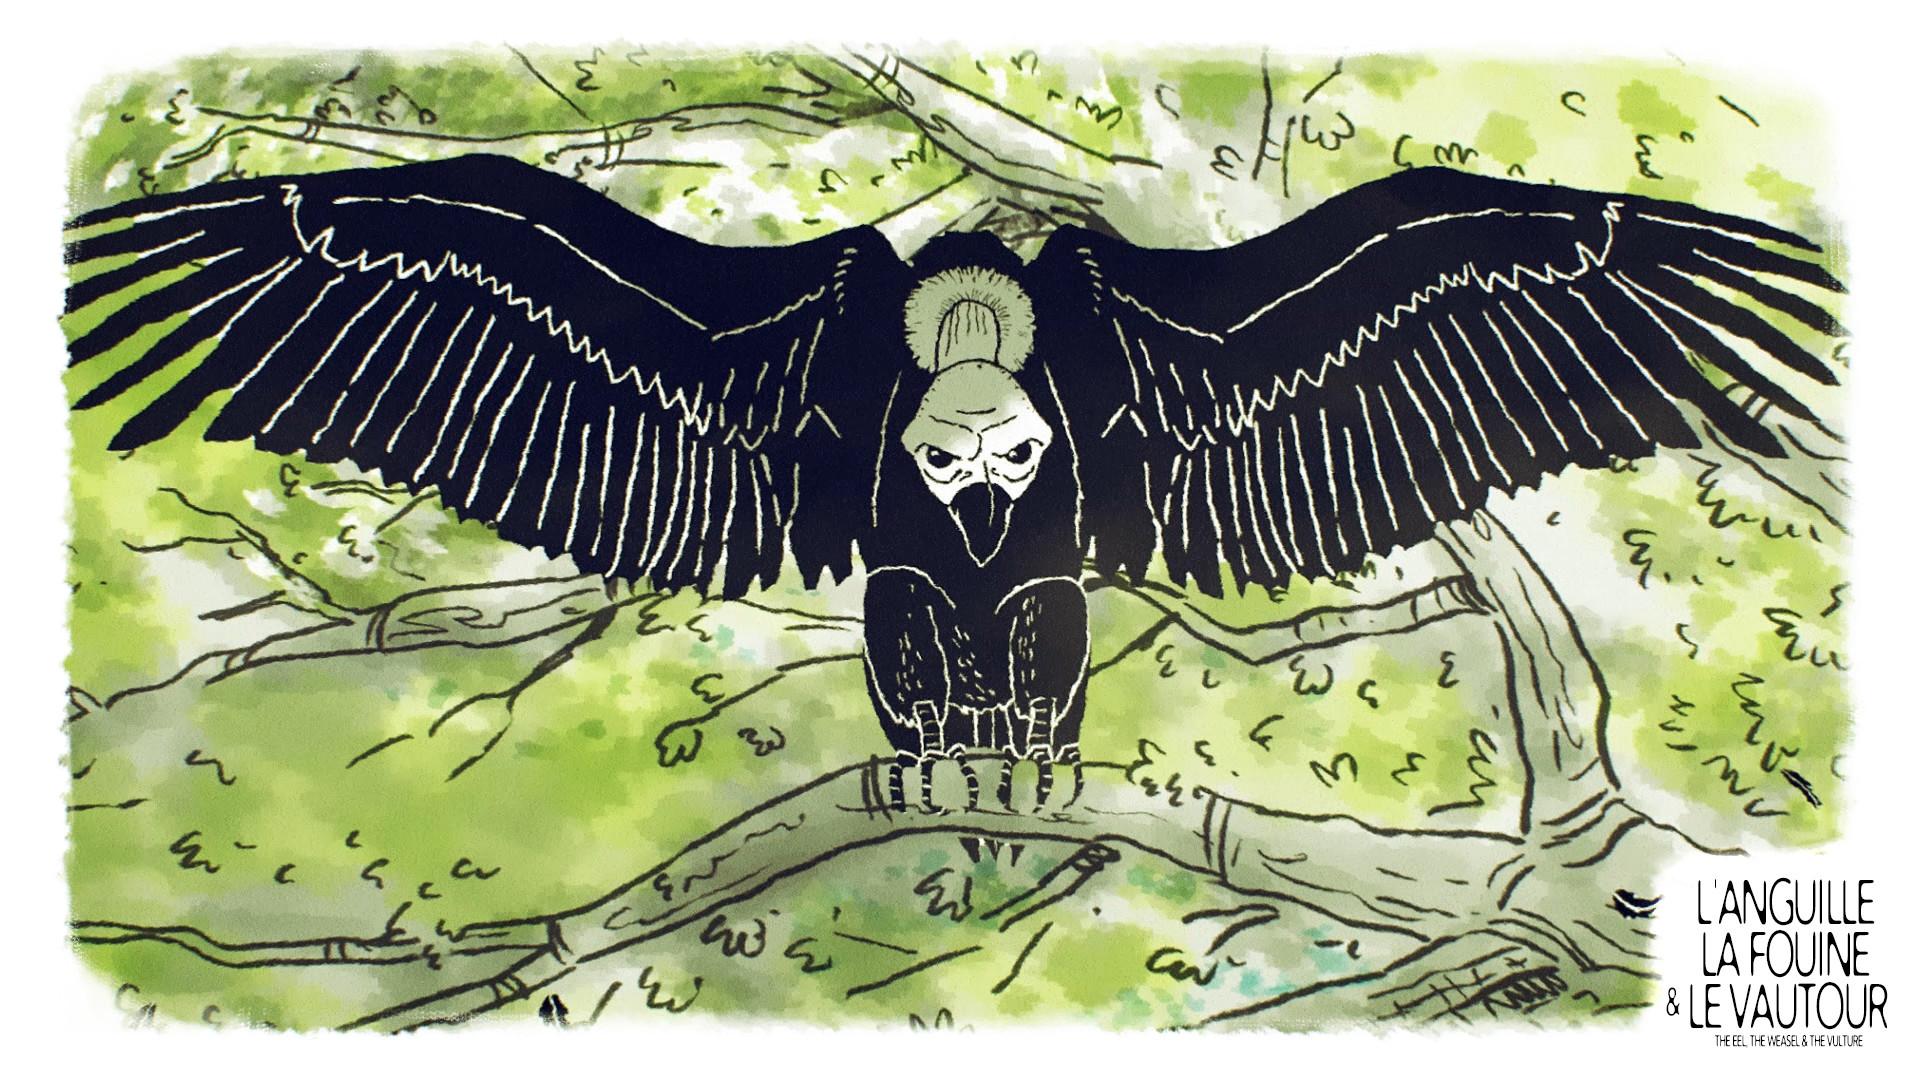 AFV_still_07_logo